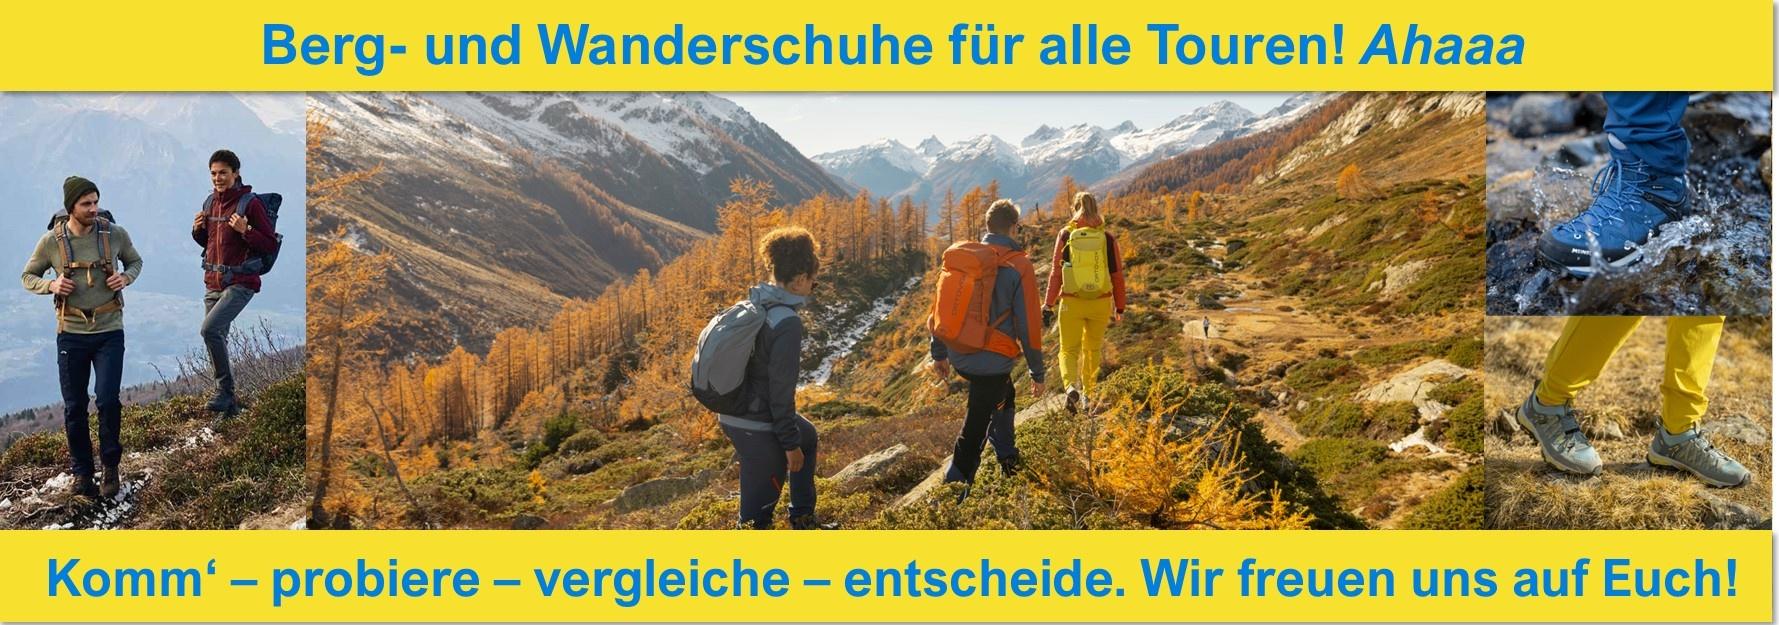 Berg- und Wanderschuhe Slider